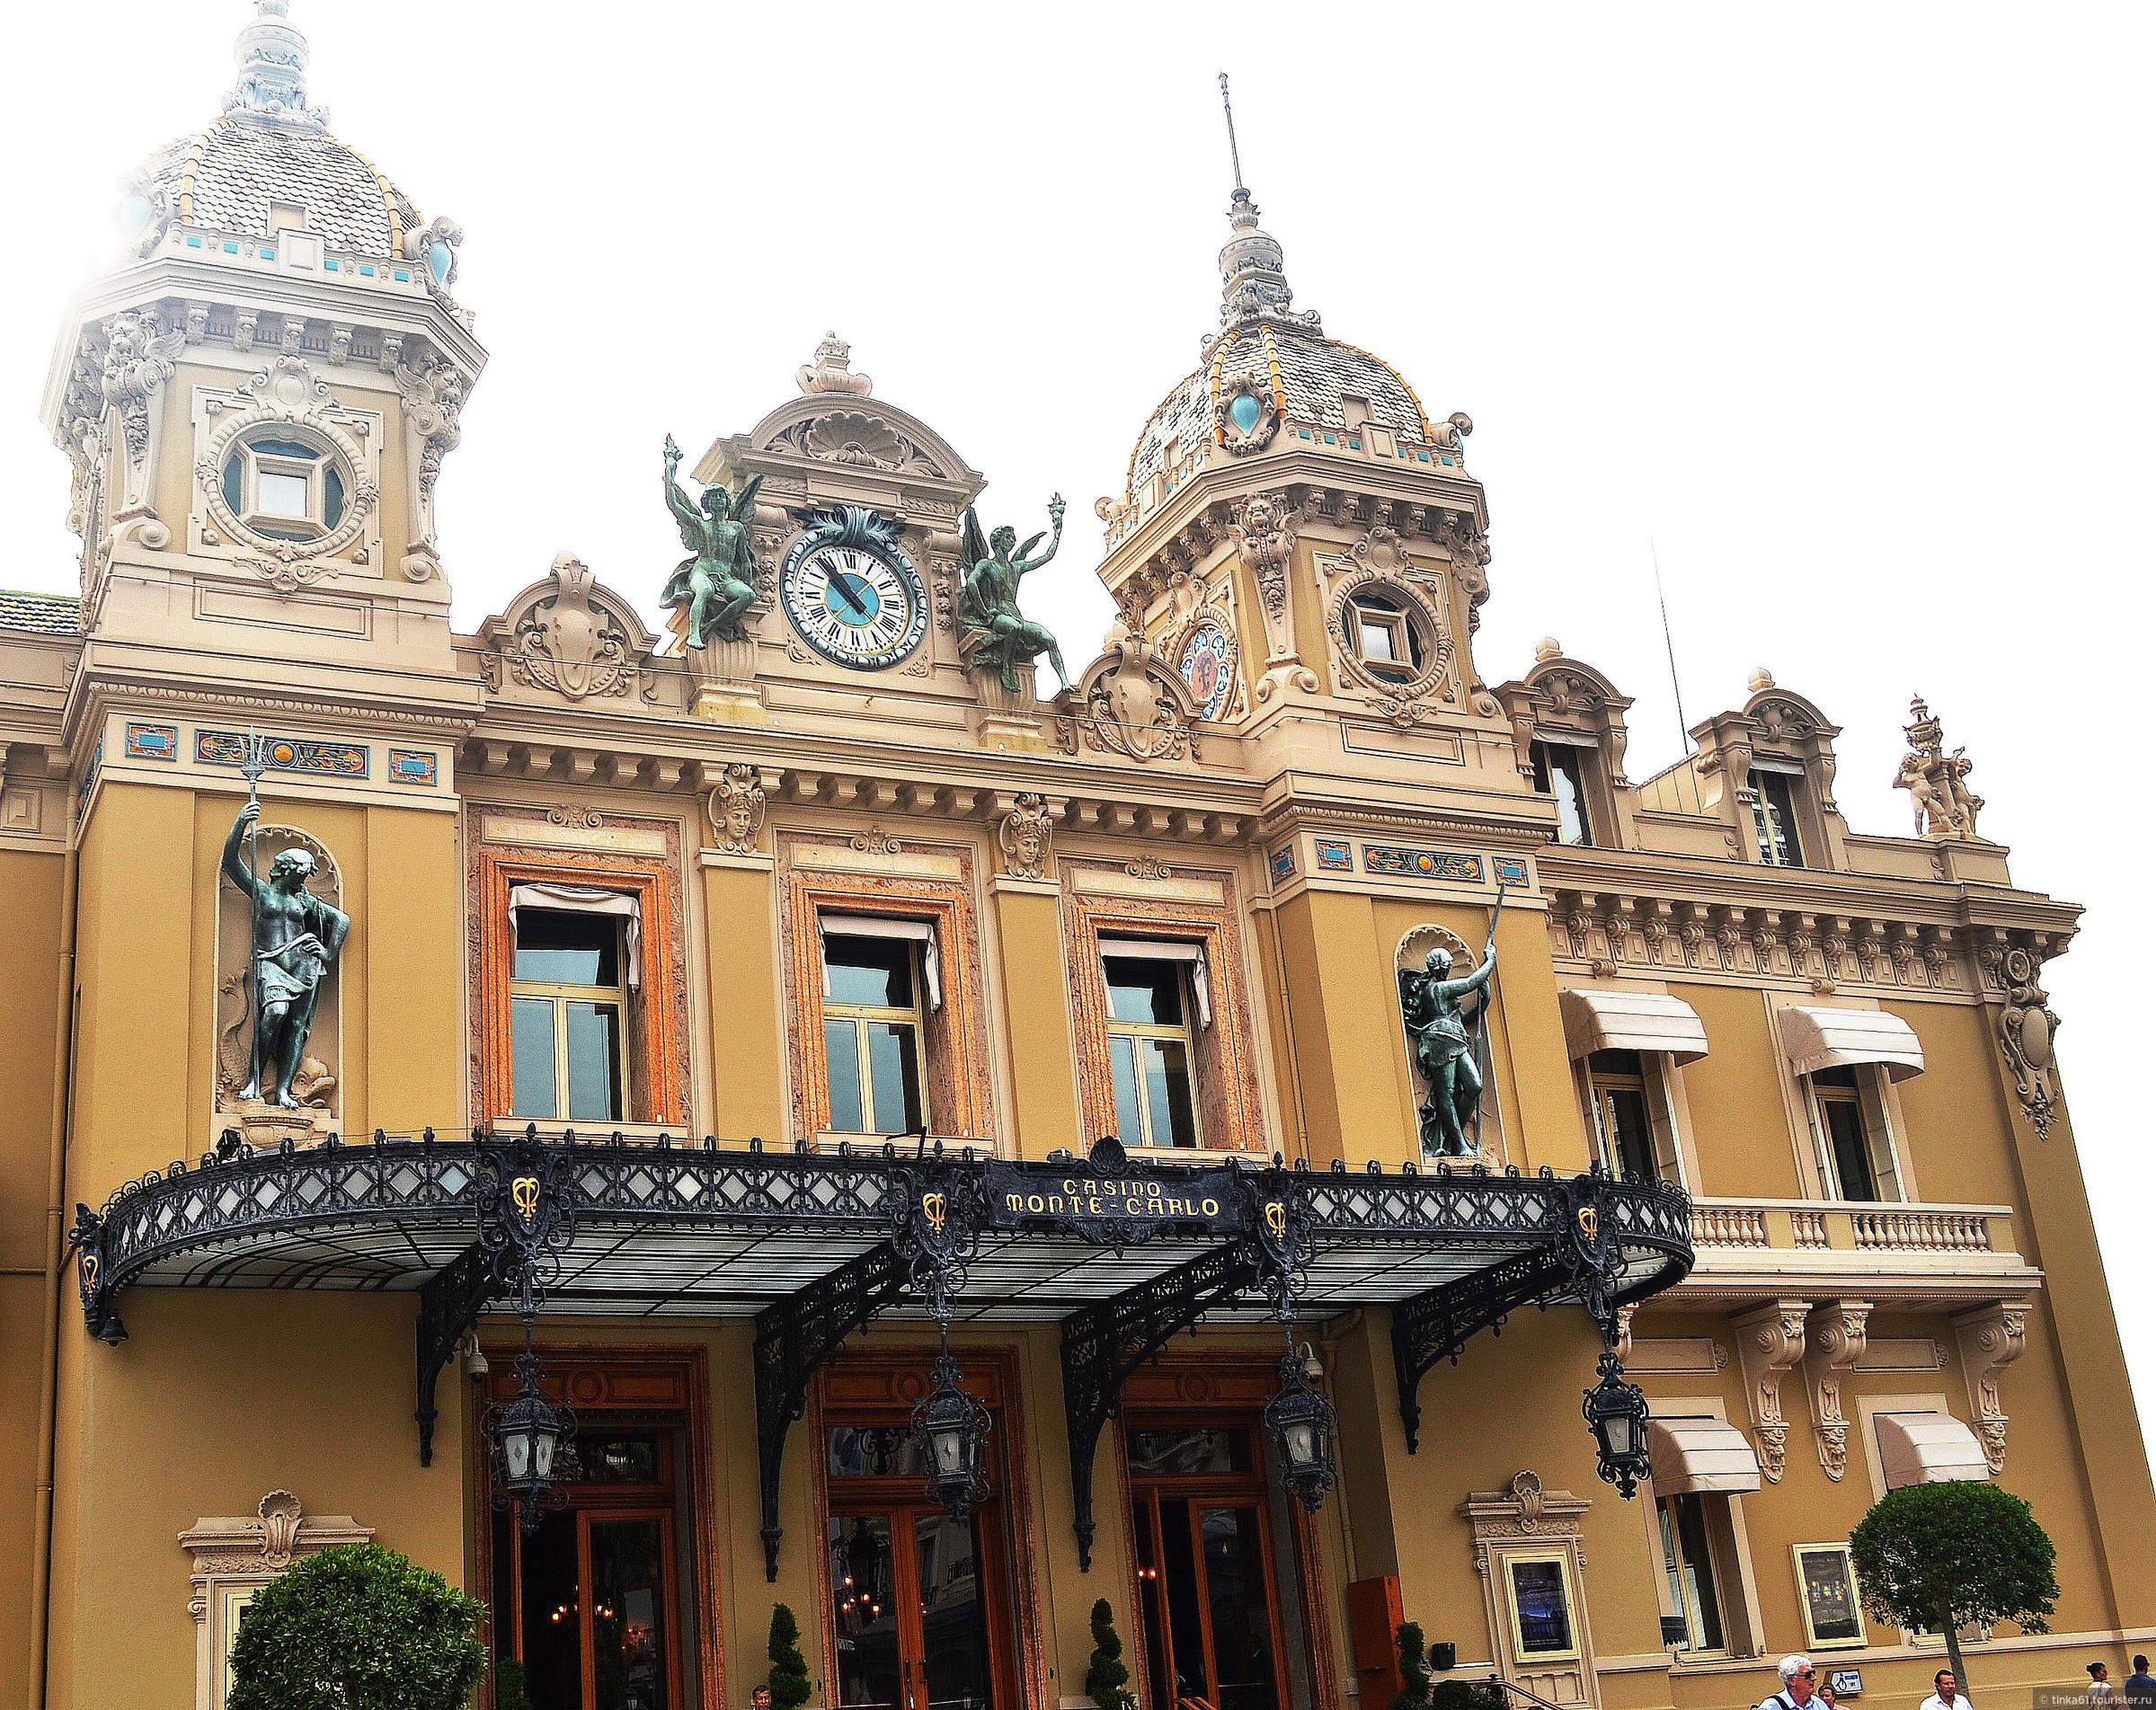 Бывших князей монако принцессы грейс казино монте карло отличное место прошивка голденинтерстар №1